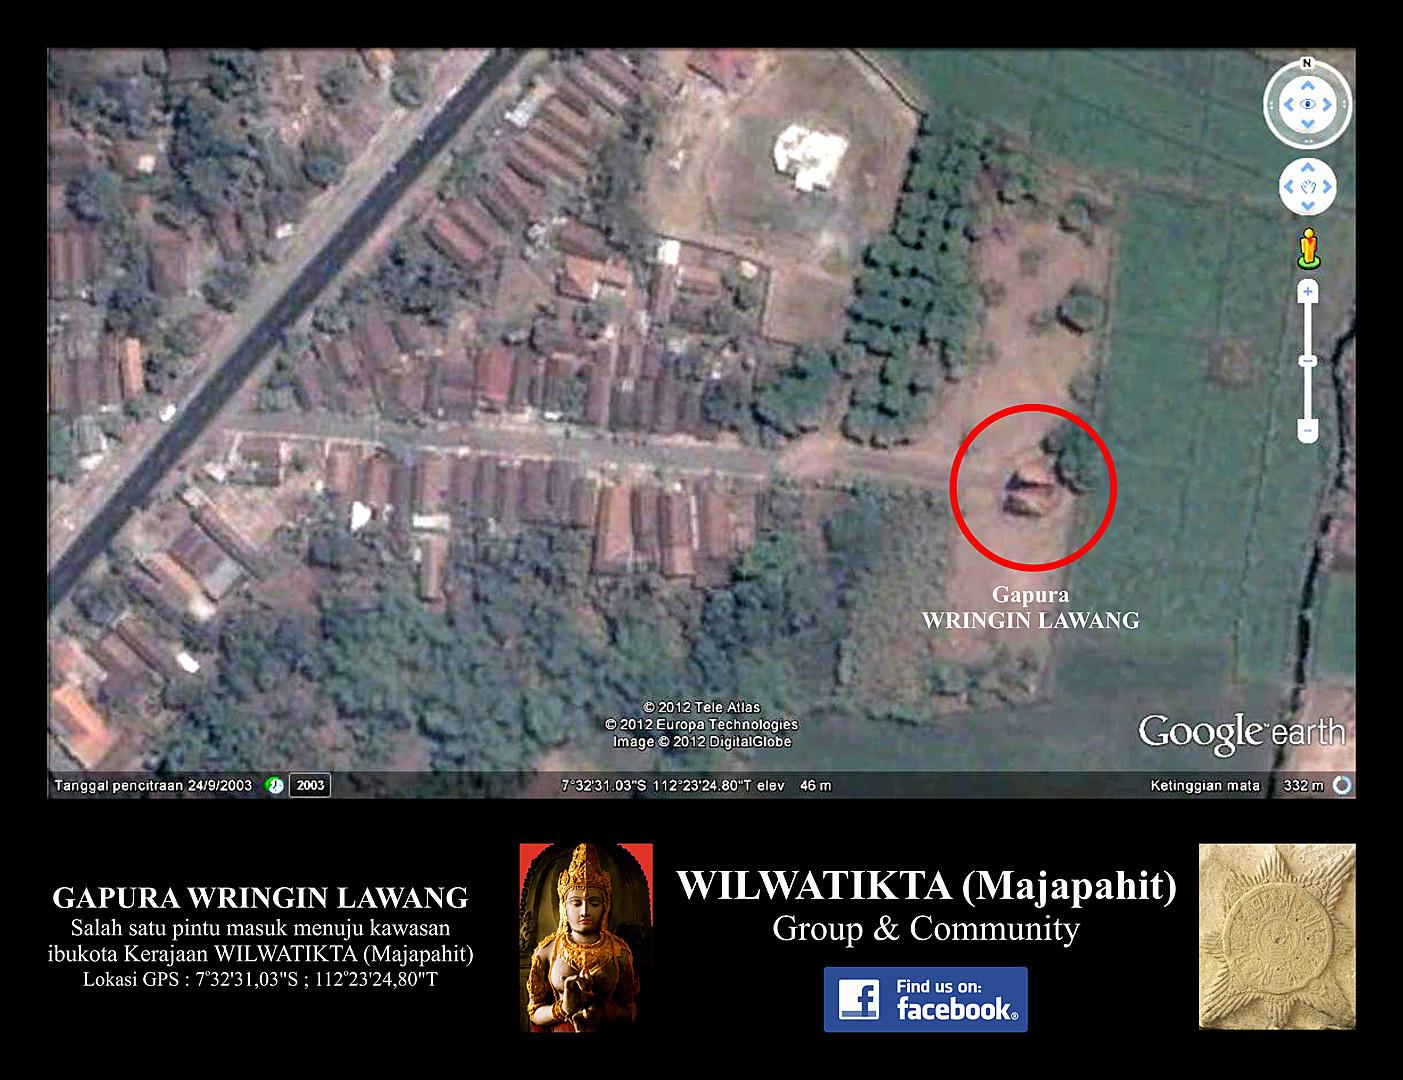 Gapura Wringin Lawang Lokasi Koordinat Gps Wilwatikta Candi Kab Mojokerto